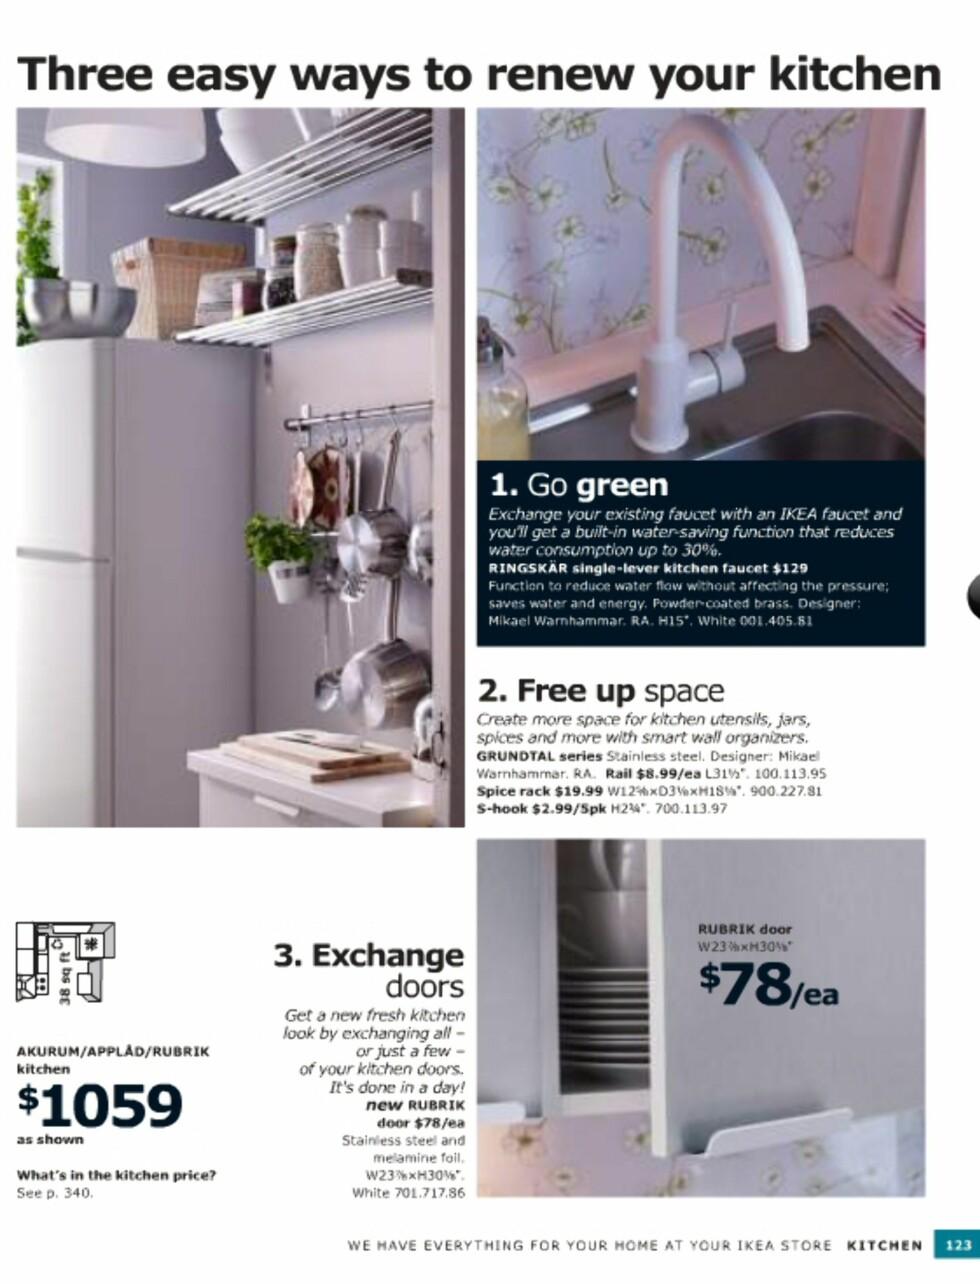 Enkle tips til fornying av rom uten at det trenger å koste skjorten. Sjekk for eksempel de nye kjøkkenfrontene i rustfritt stål. Foto: Ikea.com